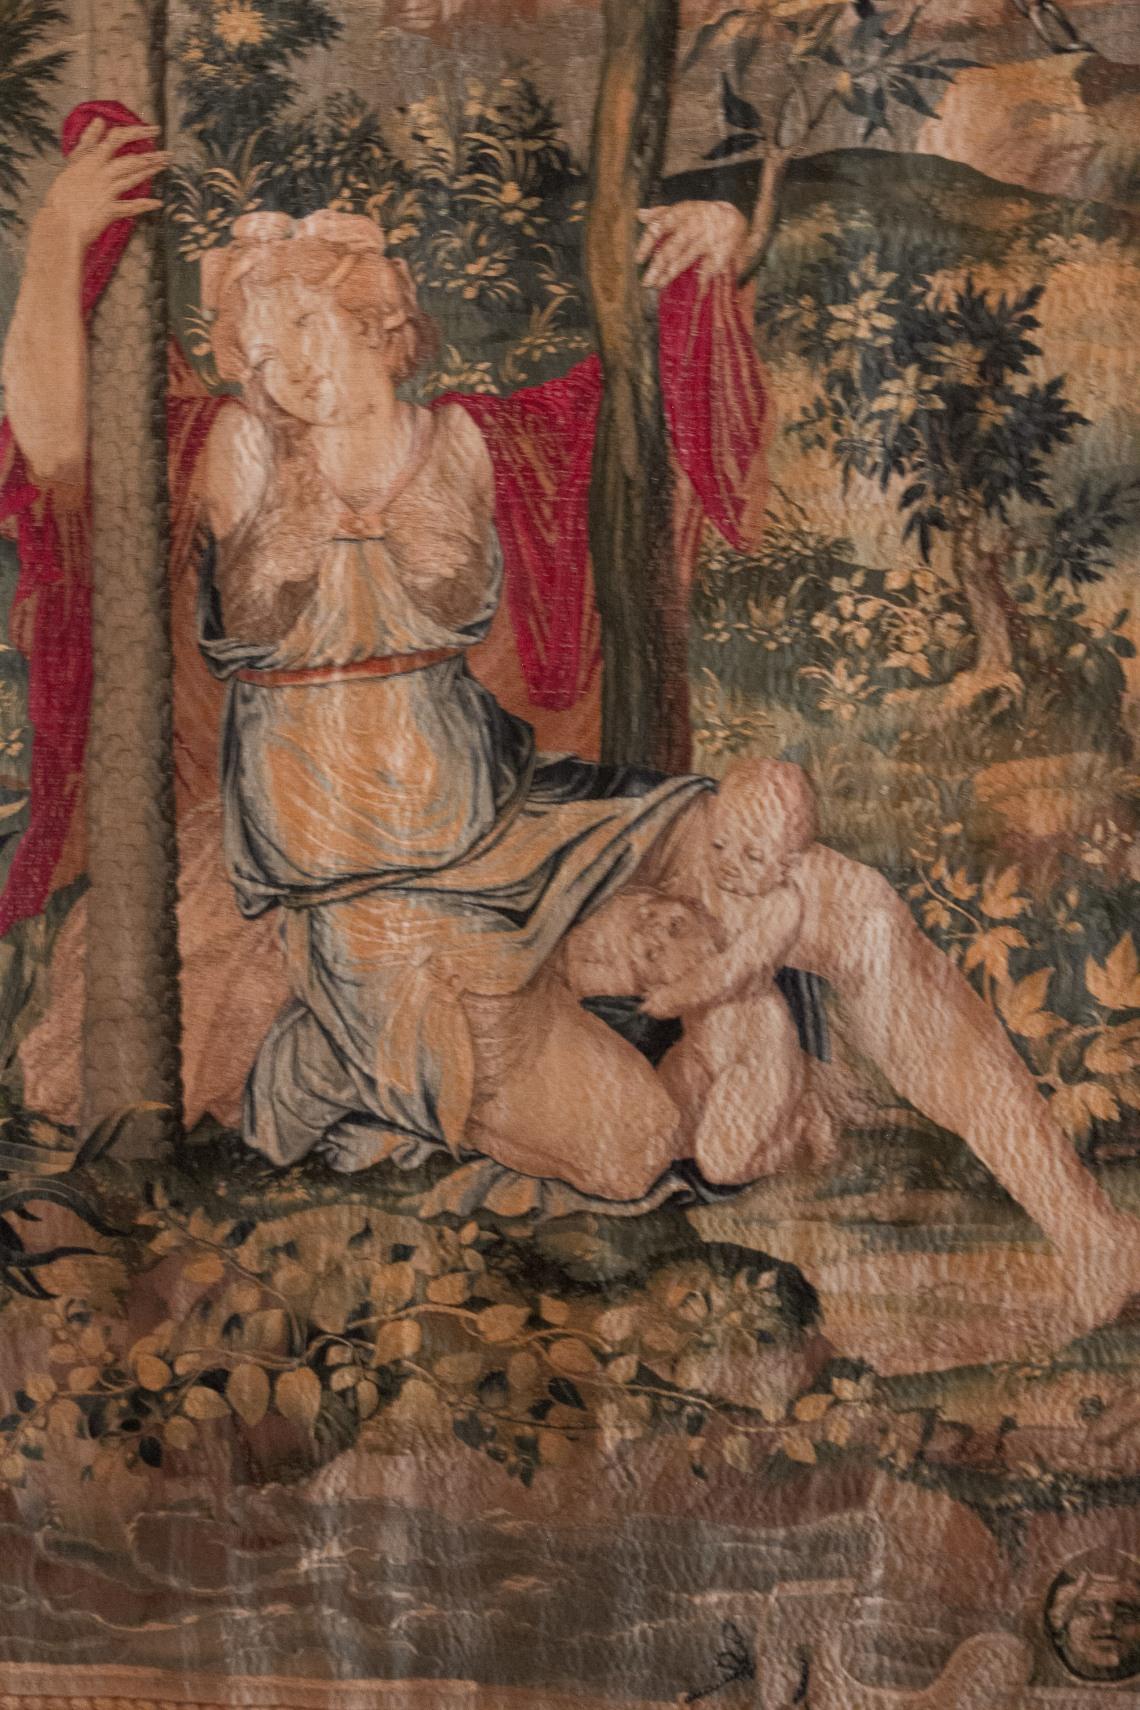 La naissance d'Apollon et de Diane, tapisserie.